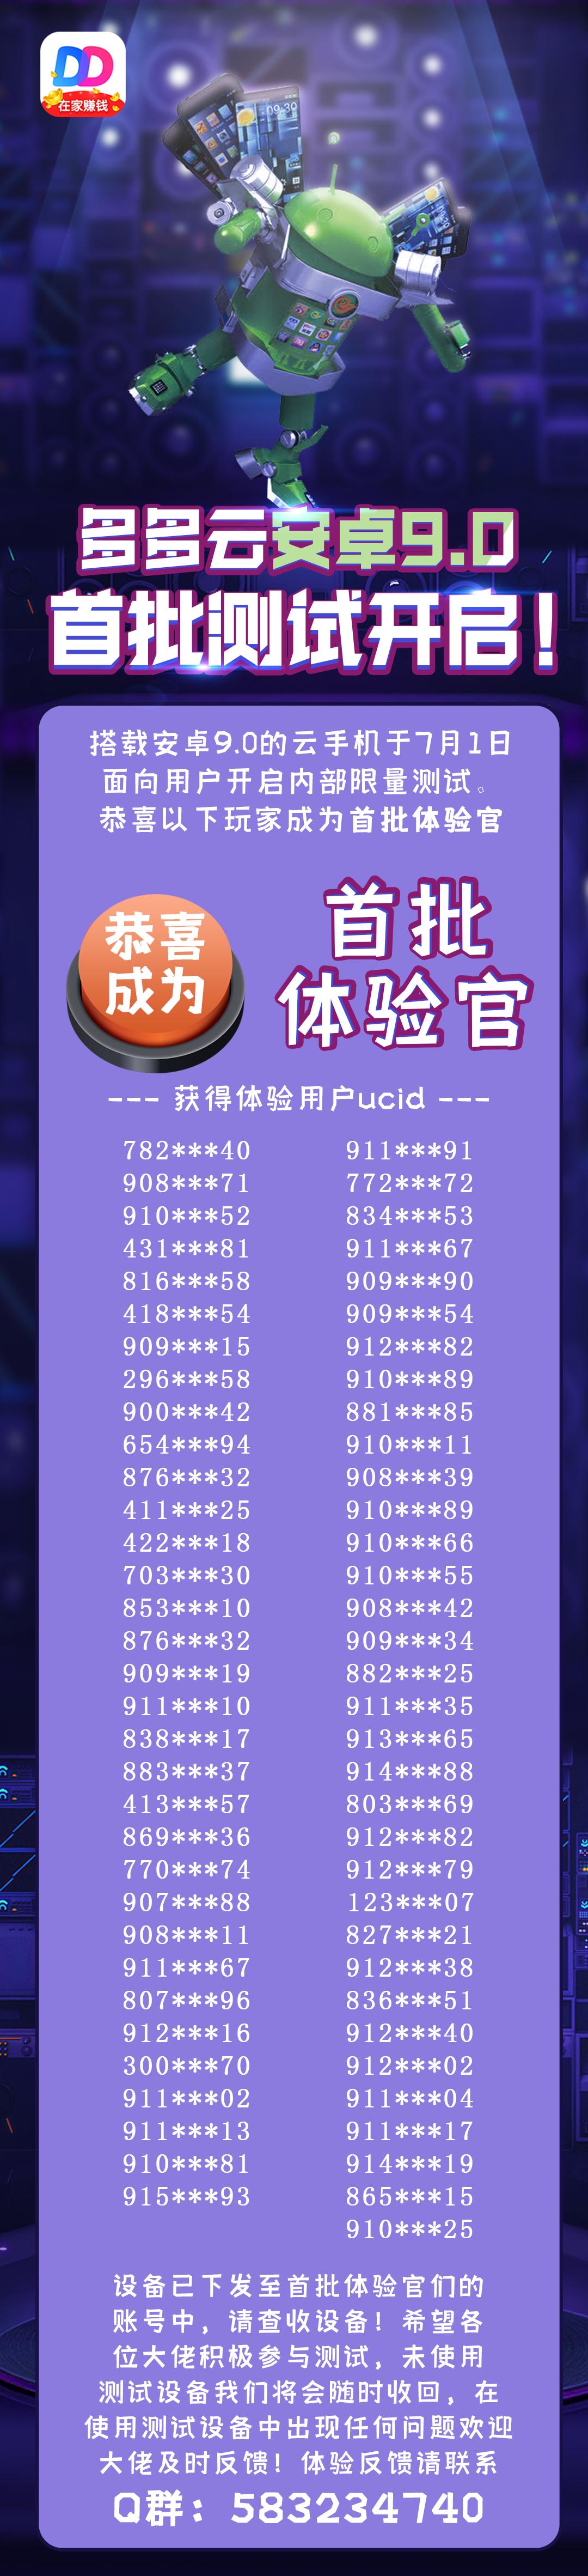 用户名单.png